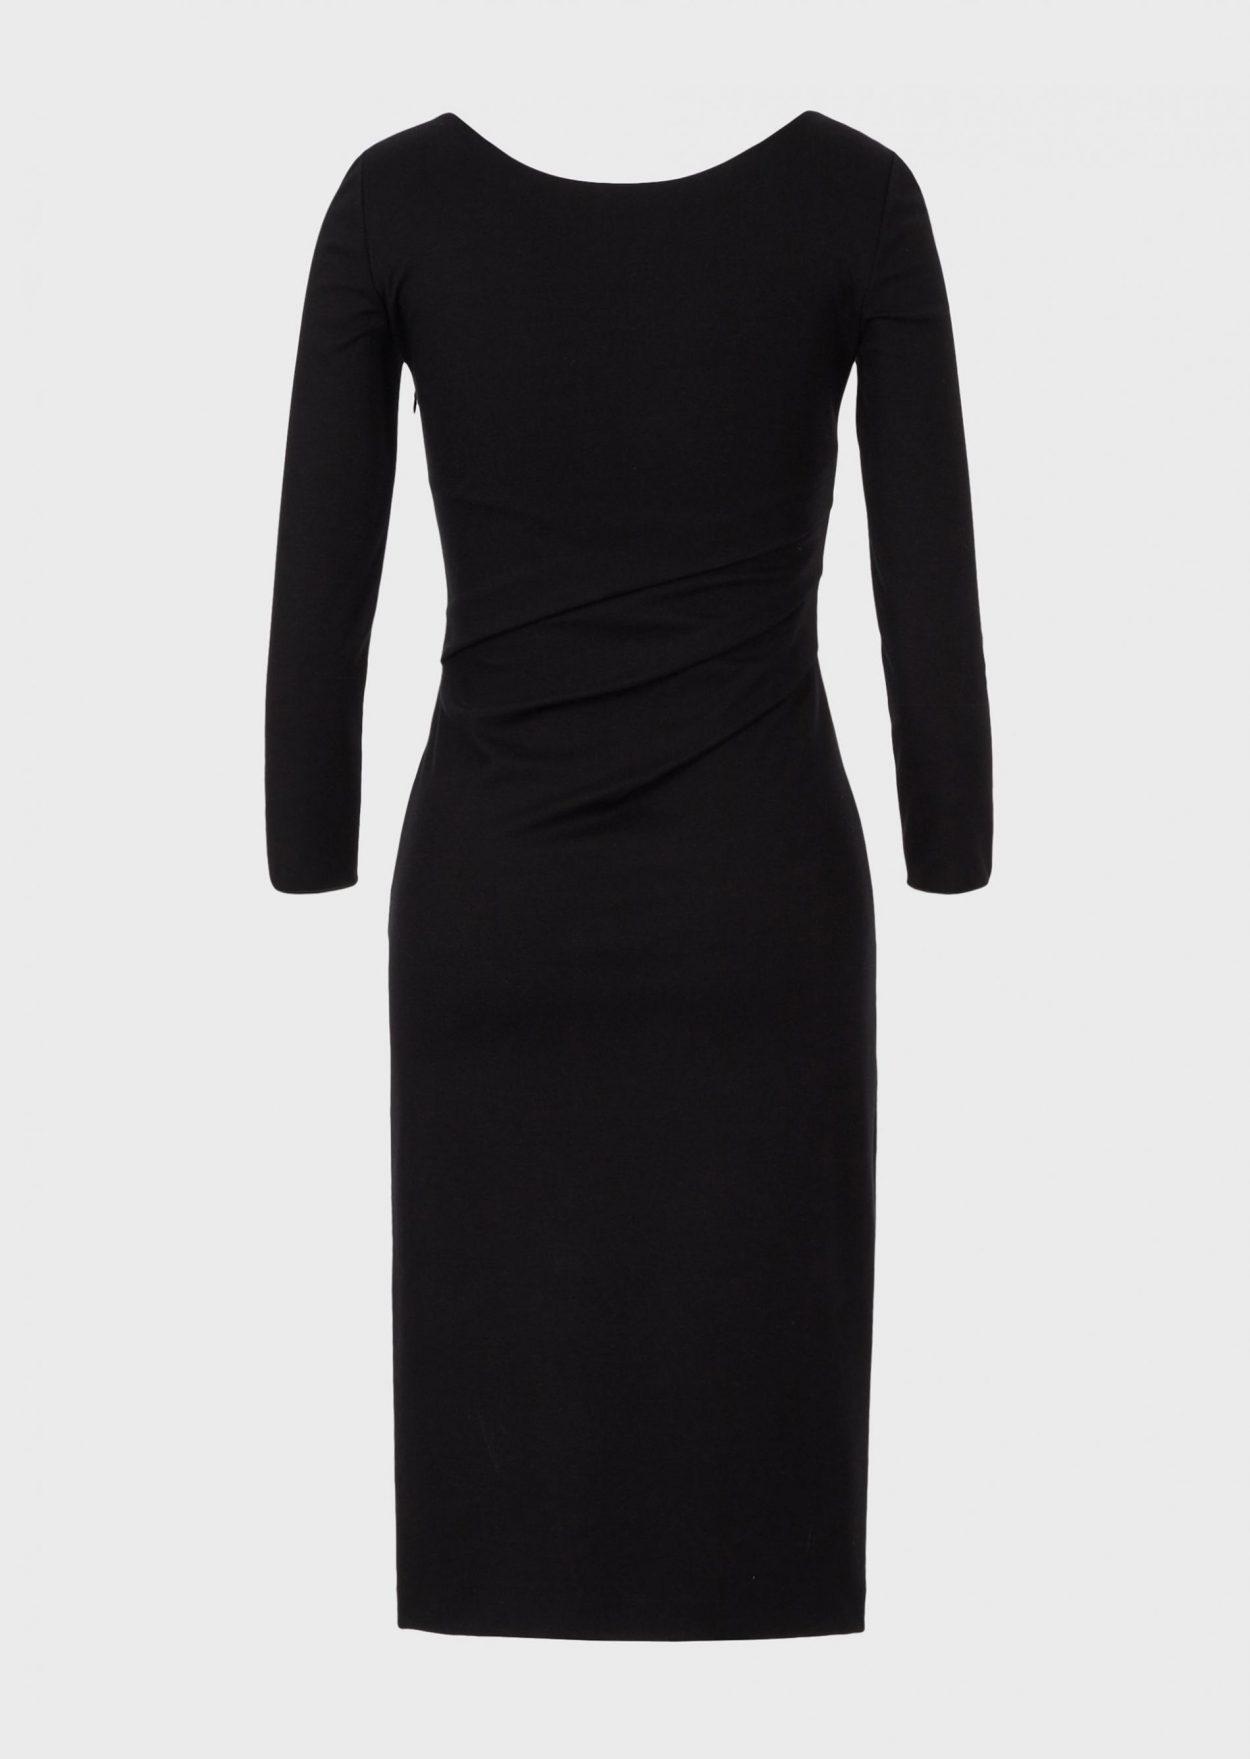 Giorgio Armani Damen Kleider  Kleid Aus Puntomilano